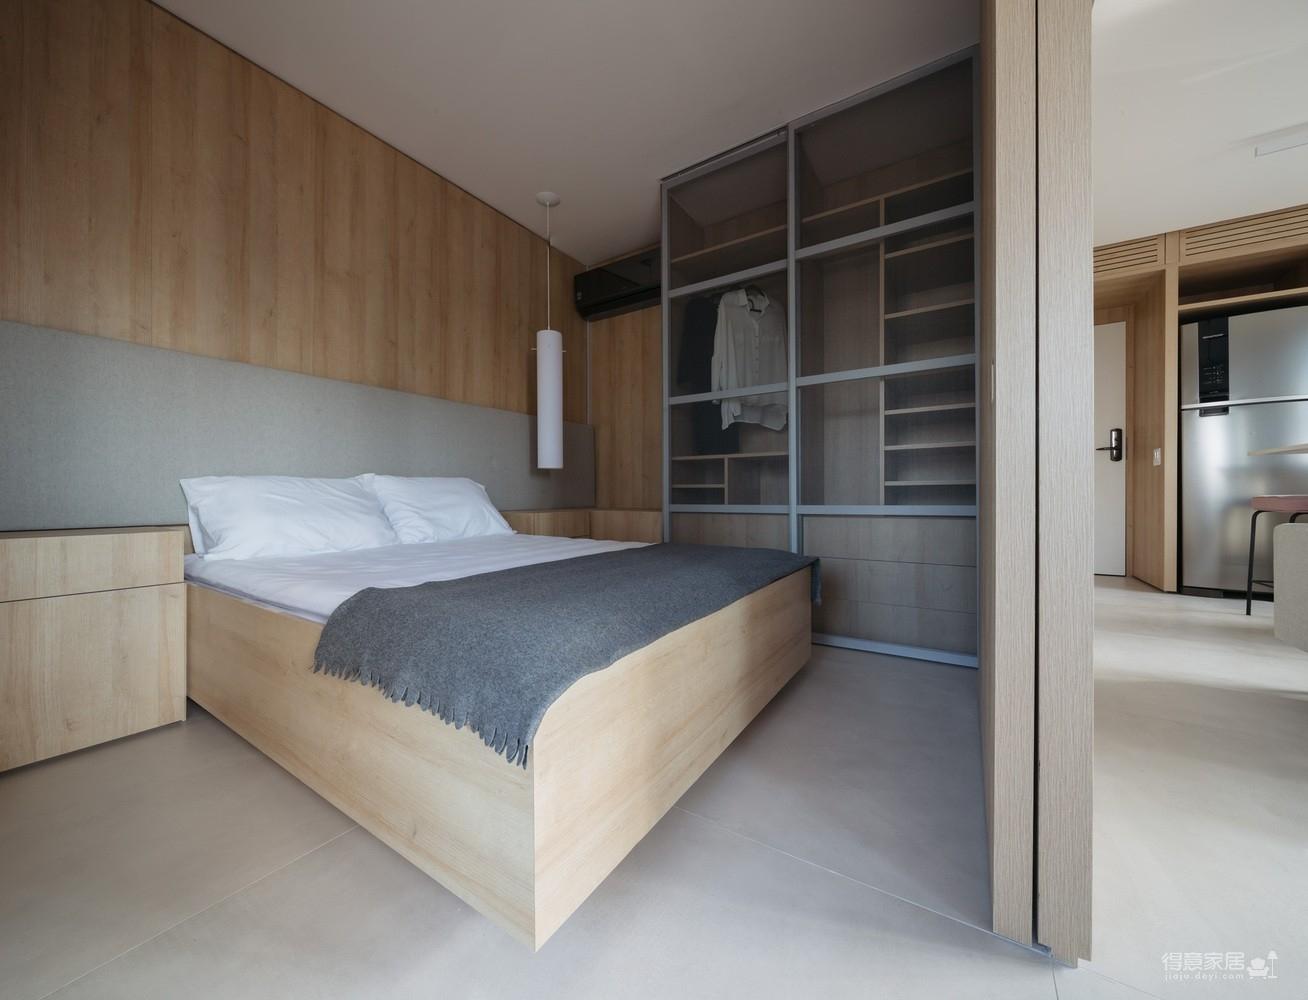 42㎡ 的简约公寓,一道木墙分割了多功能空间图_8